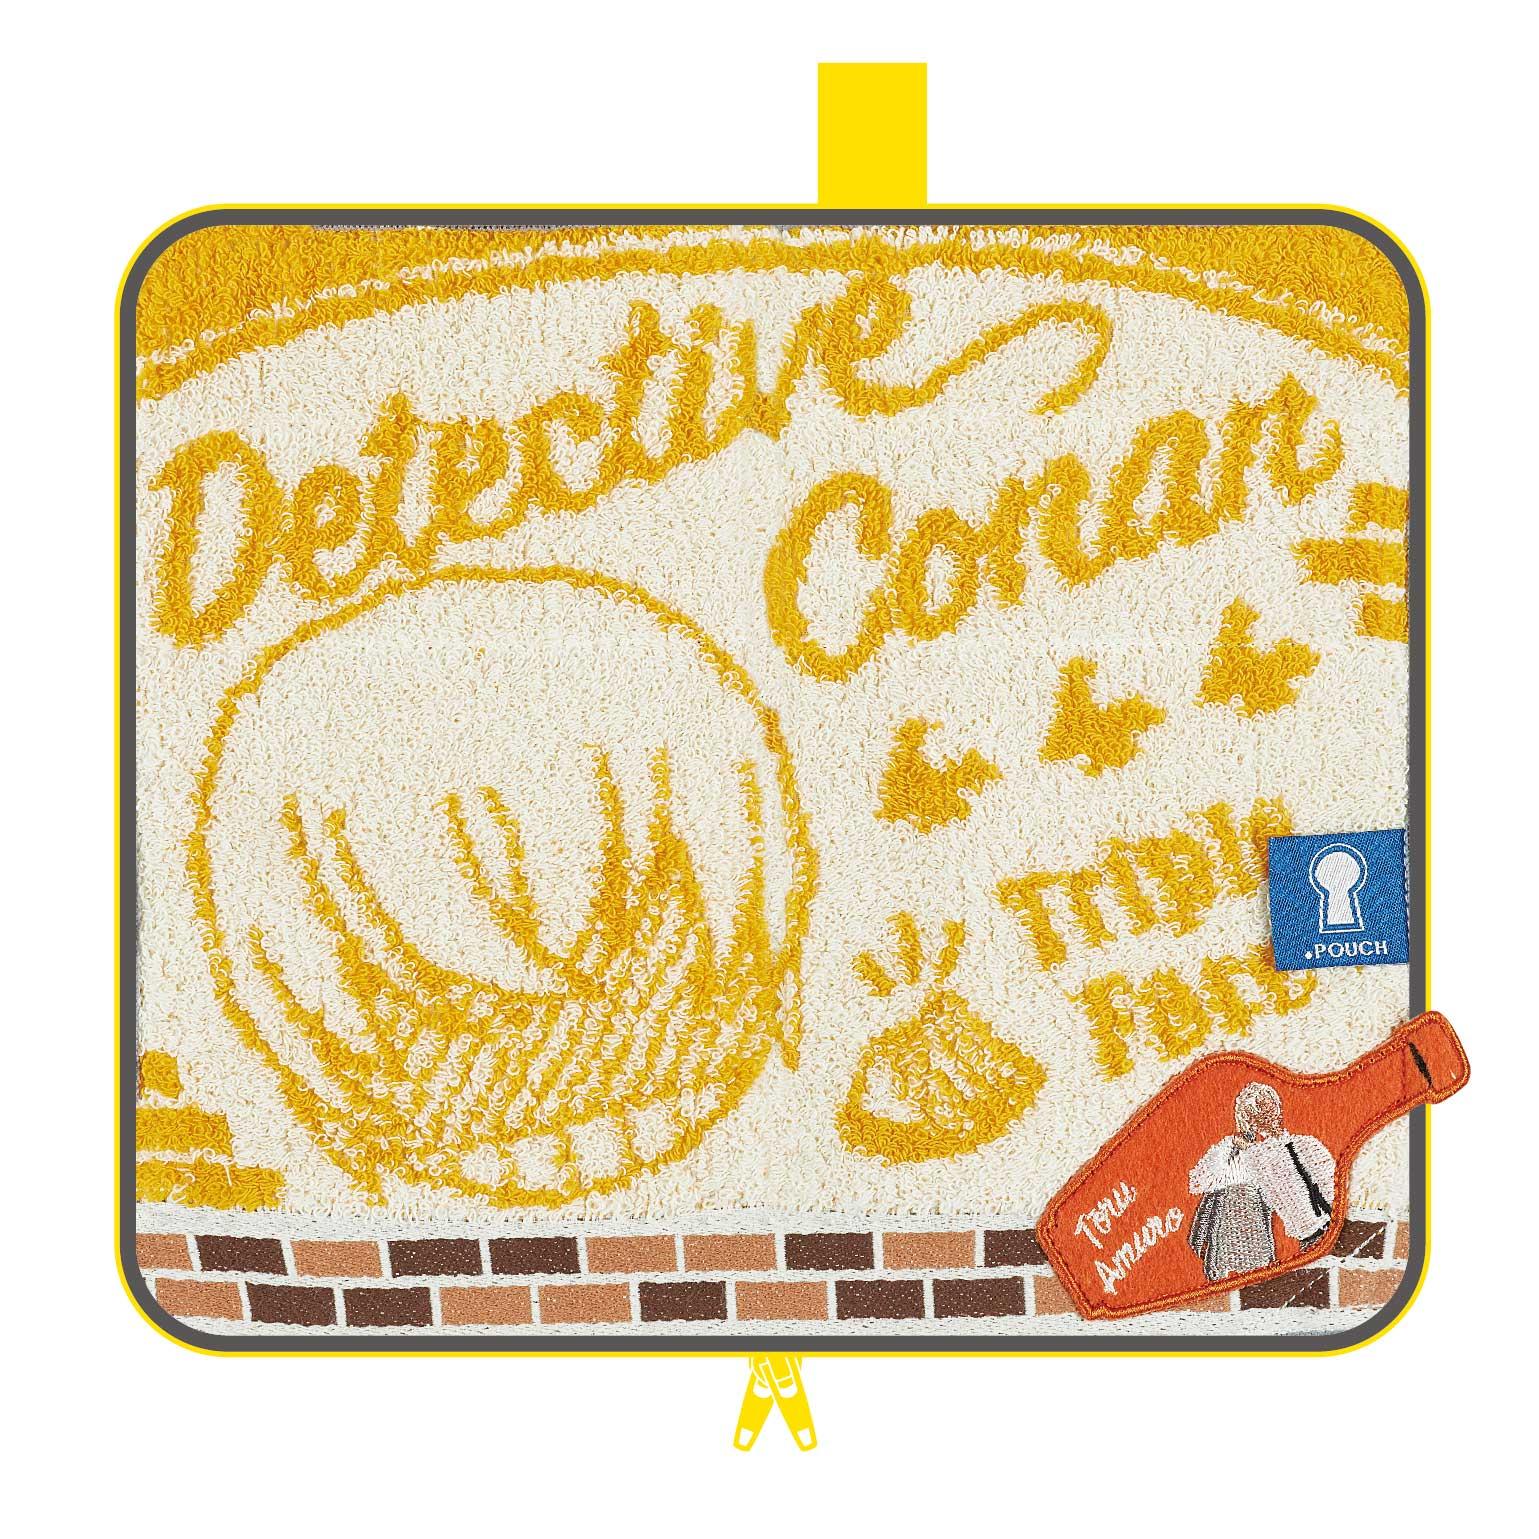 ★マスクケース プレゼント付き★☆ラッピング可能☆どっとポーチ 名探偵コナン キープスタンド B